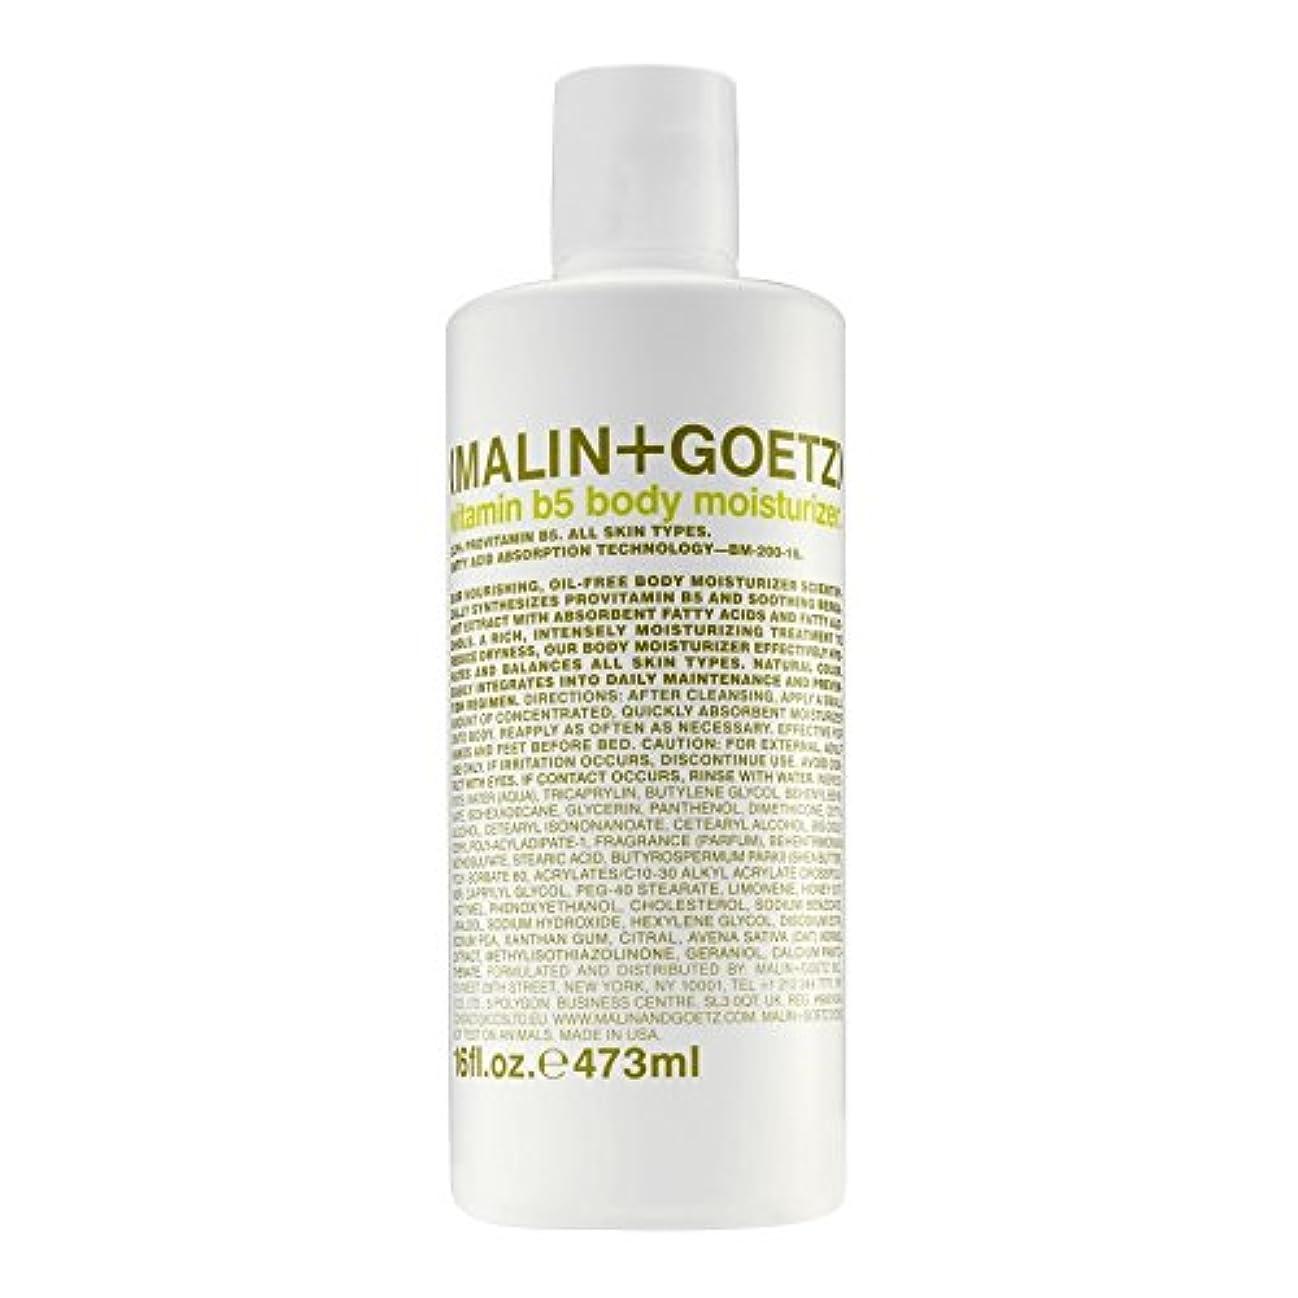 手アクセント信念マリン+ゲッツビタミン5ボディモイスチャライザーの473ミリリットル x4 - MALIN+GOETZ Vitamin B5 Body Moisturiser 473ml (Pack of 4) [並行輸入品]